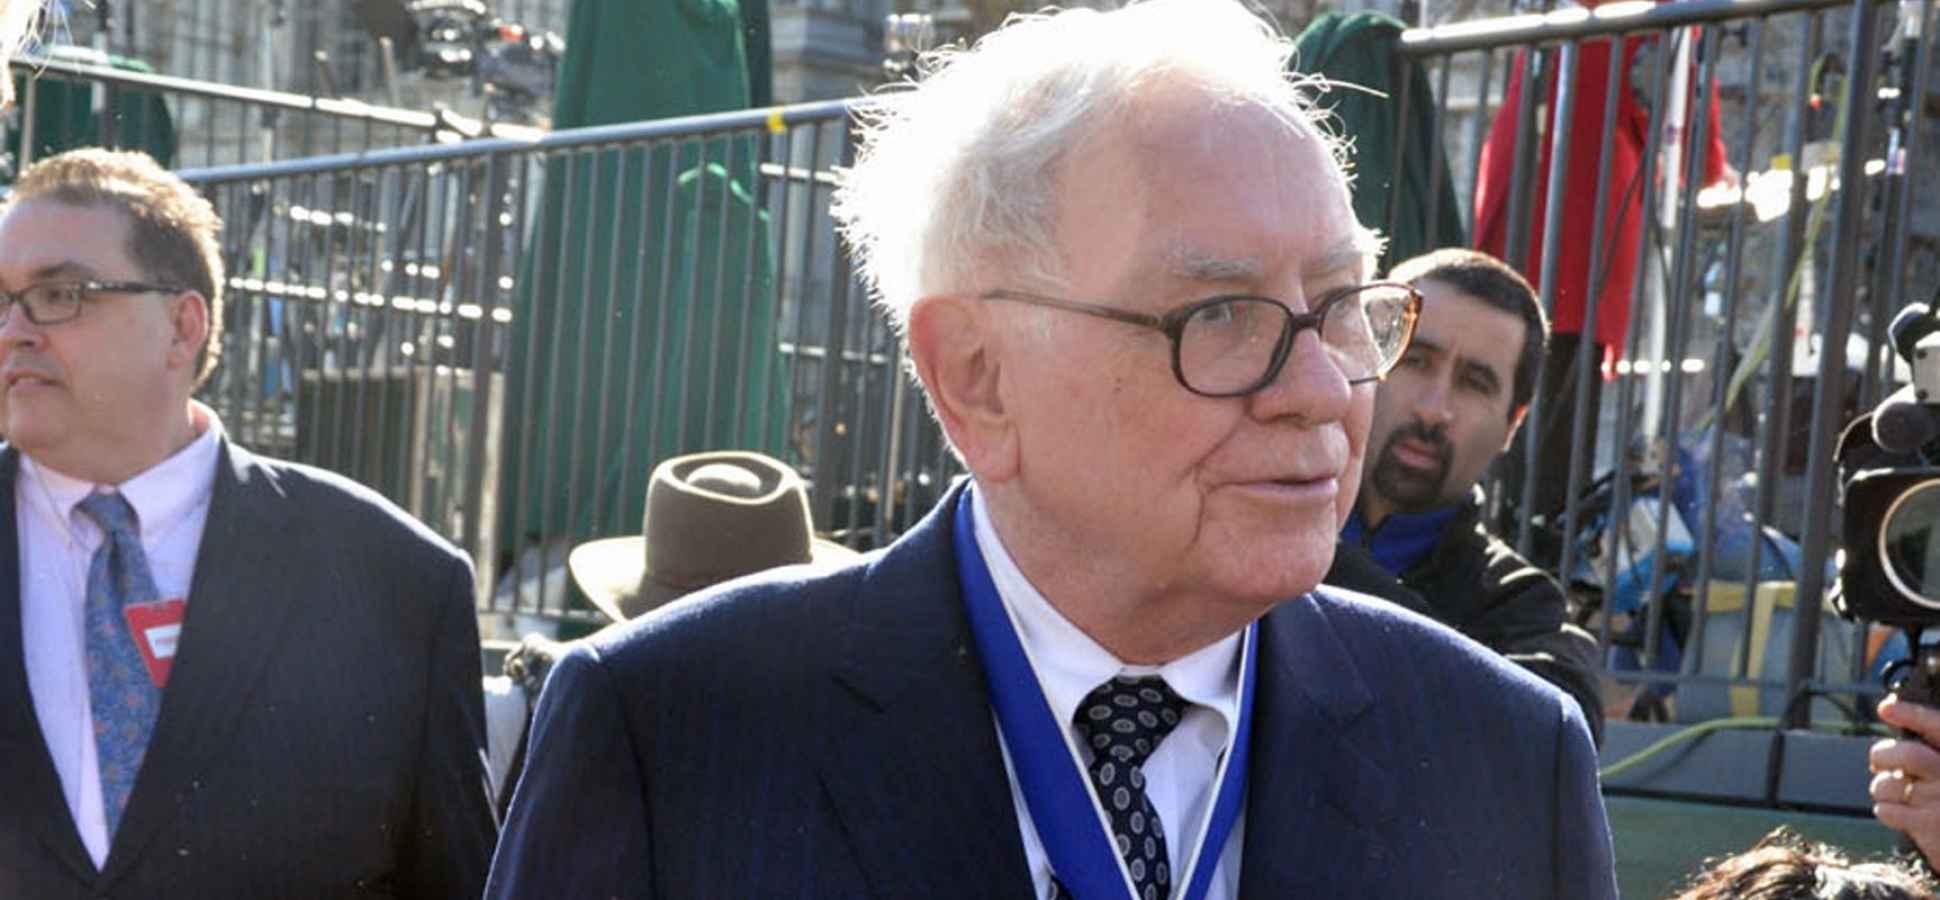 5 Lessons from Warren Buffett's Letters